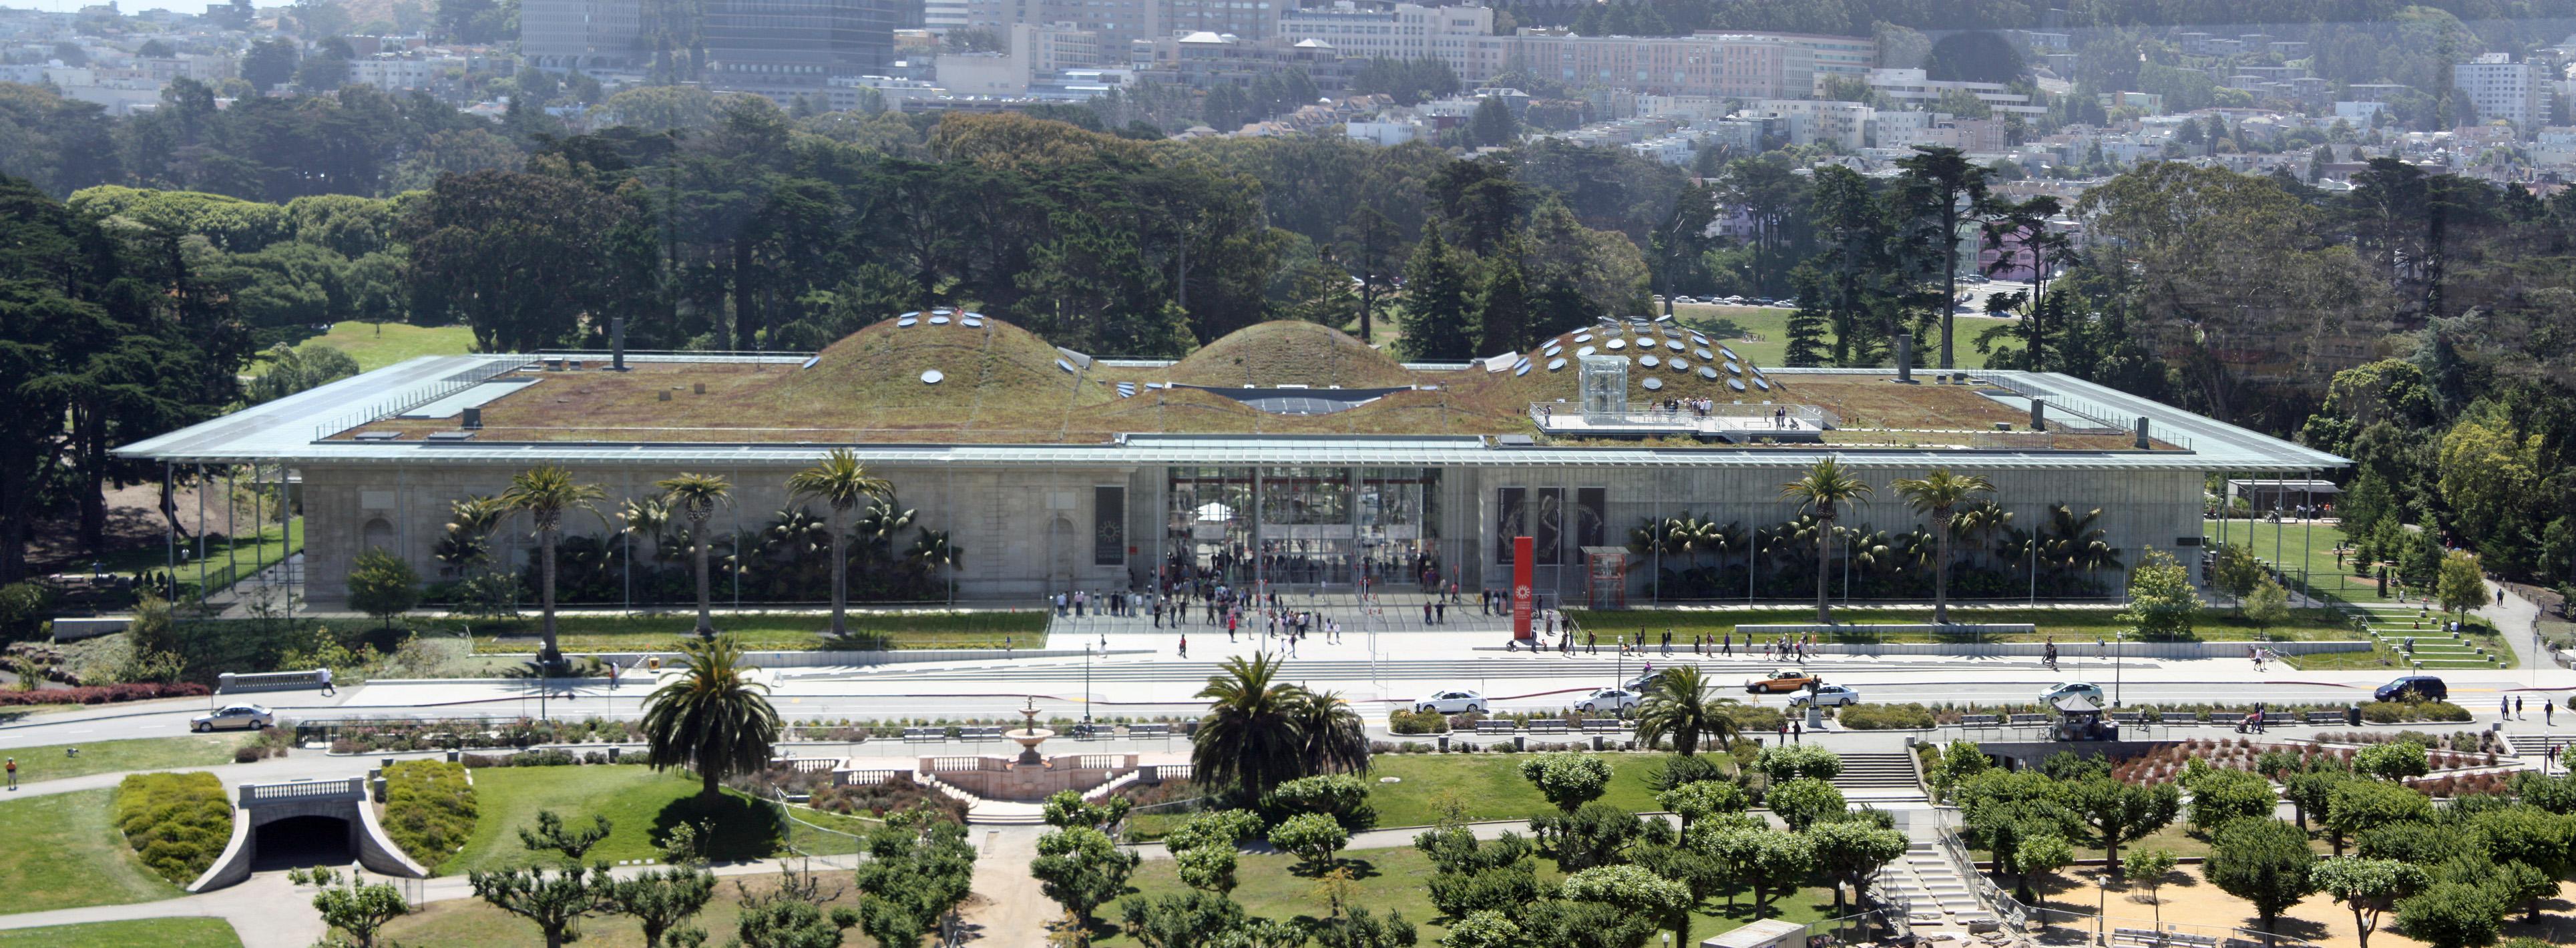 На крыше Калифорнийской академии можно играть в гольф